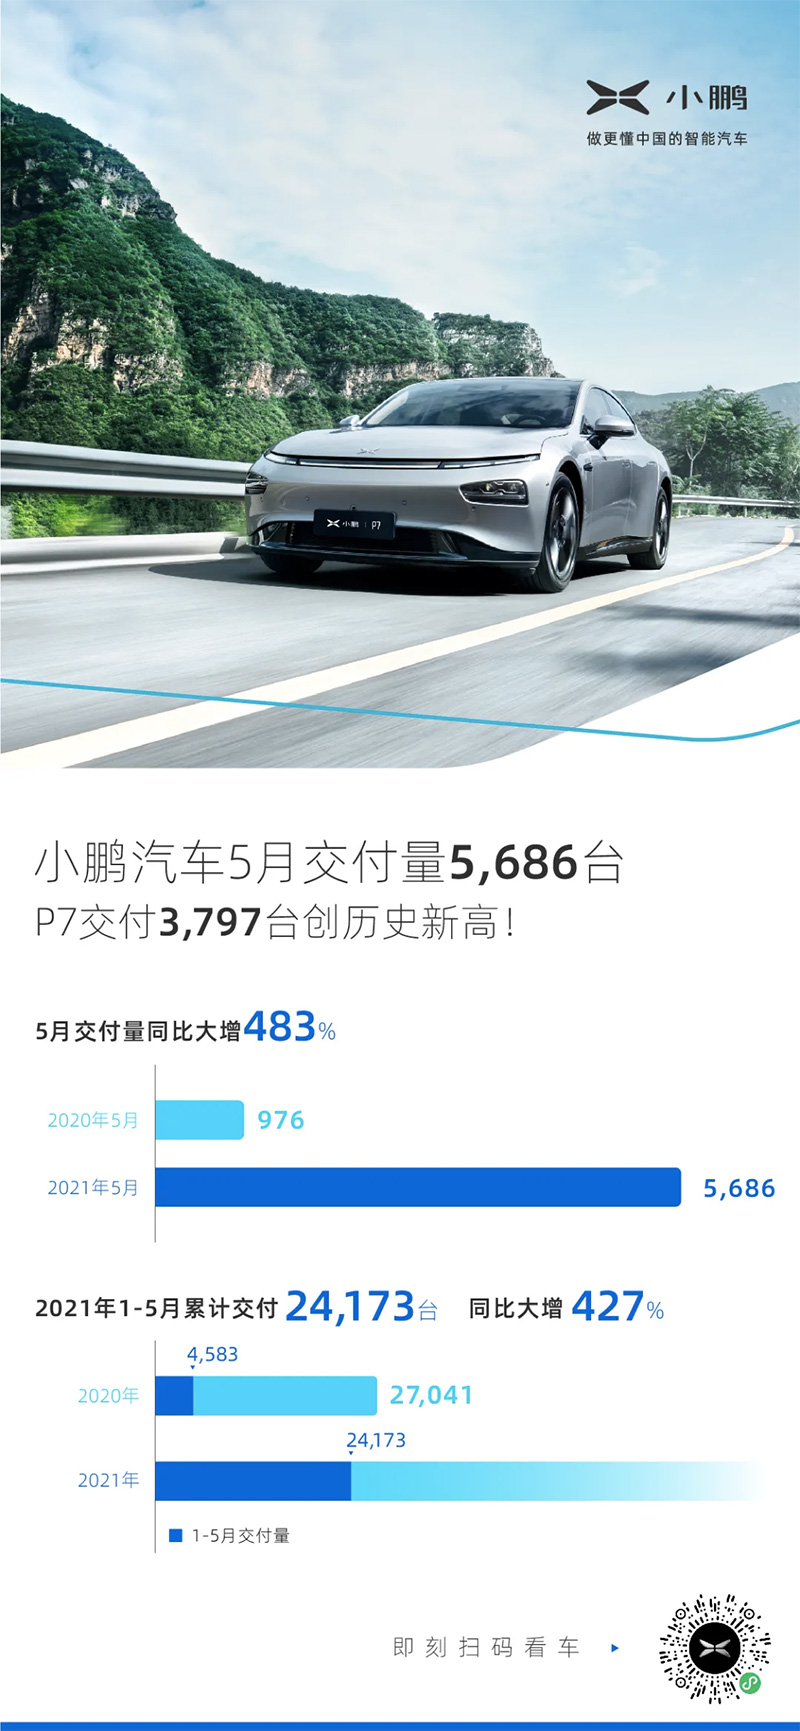 小鹏汽车5月交付量同比大增483% 今年累计交付量是去年同期5倍多